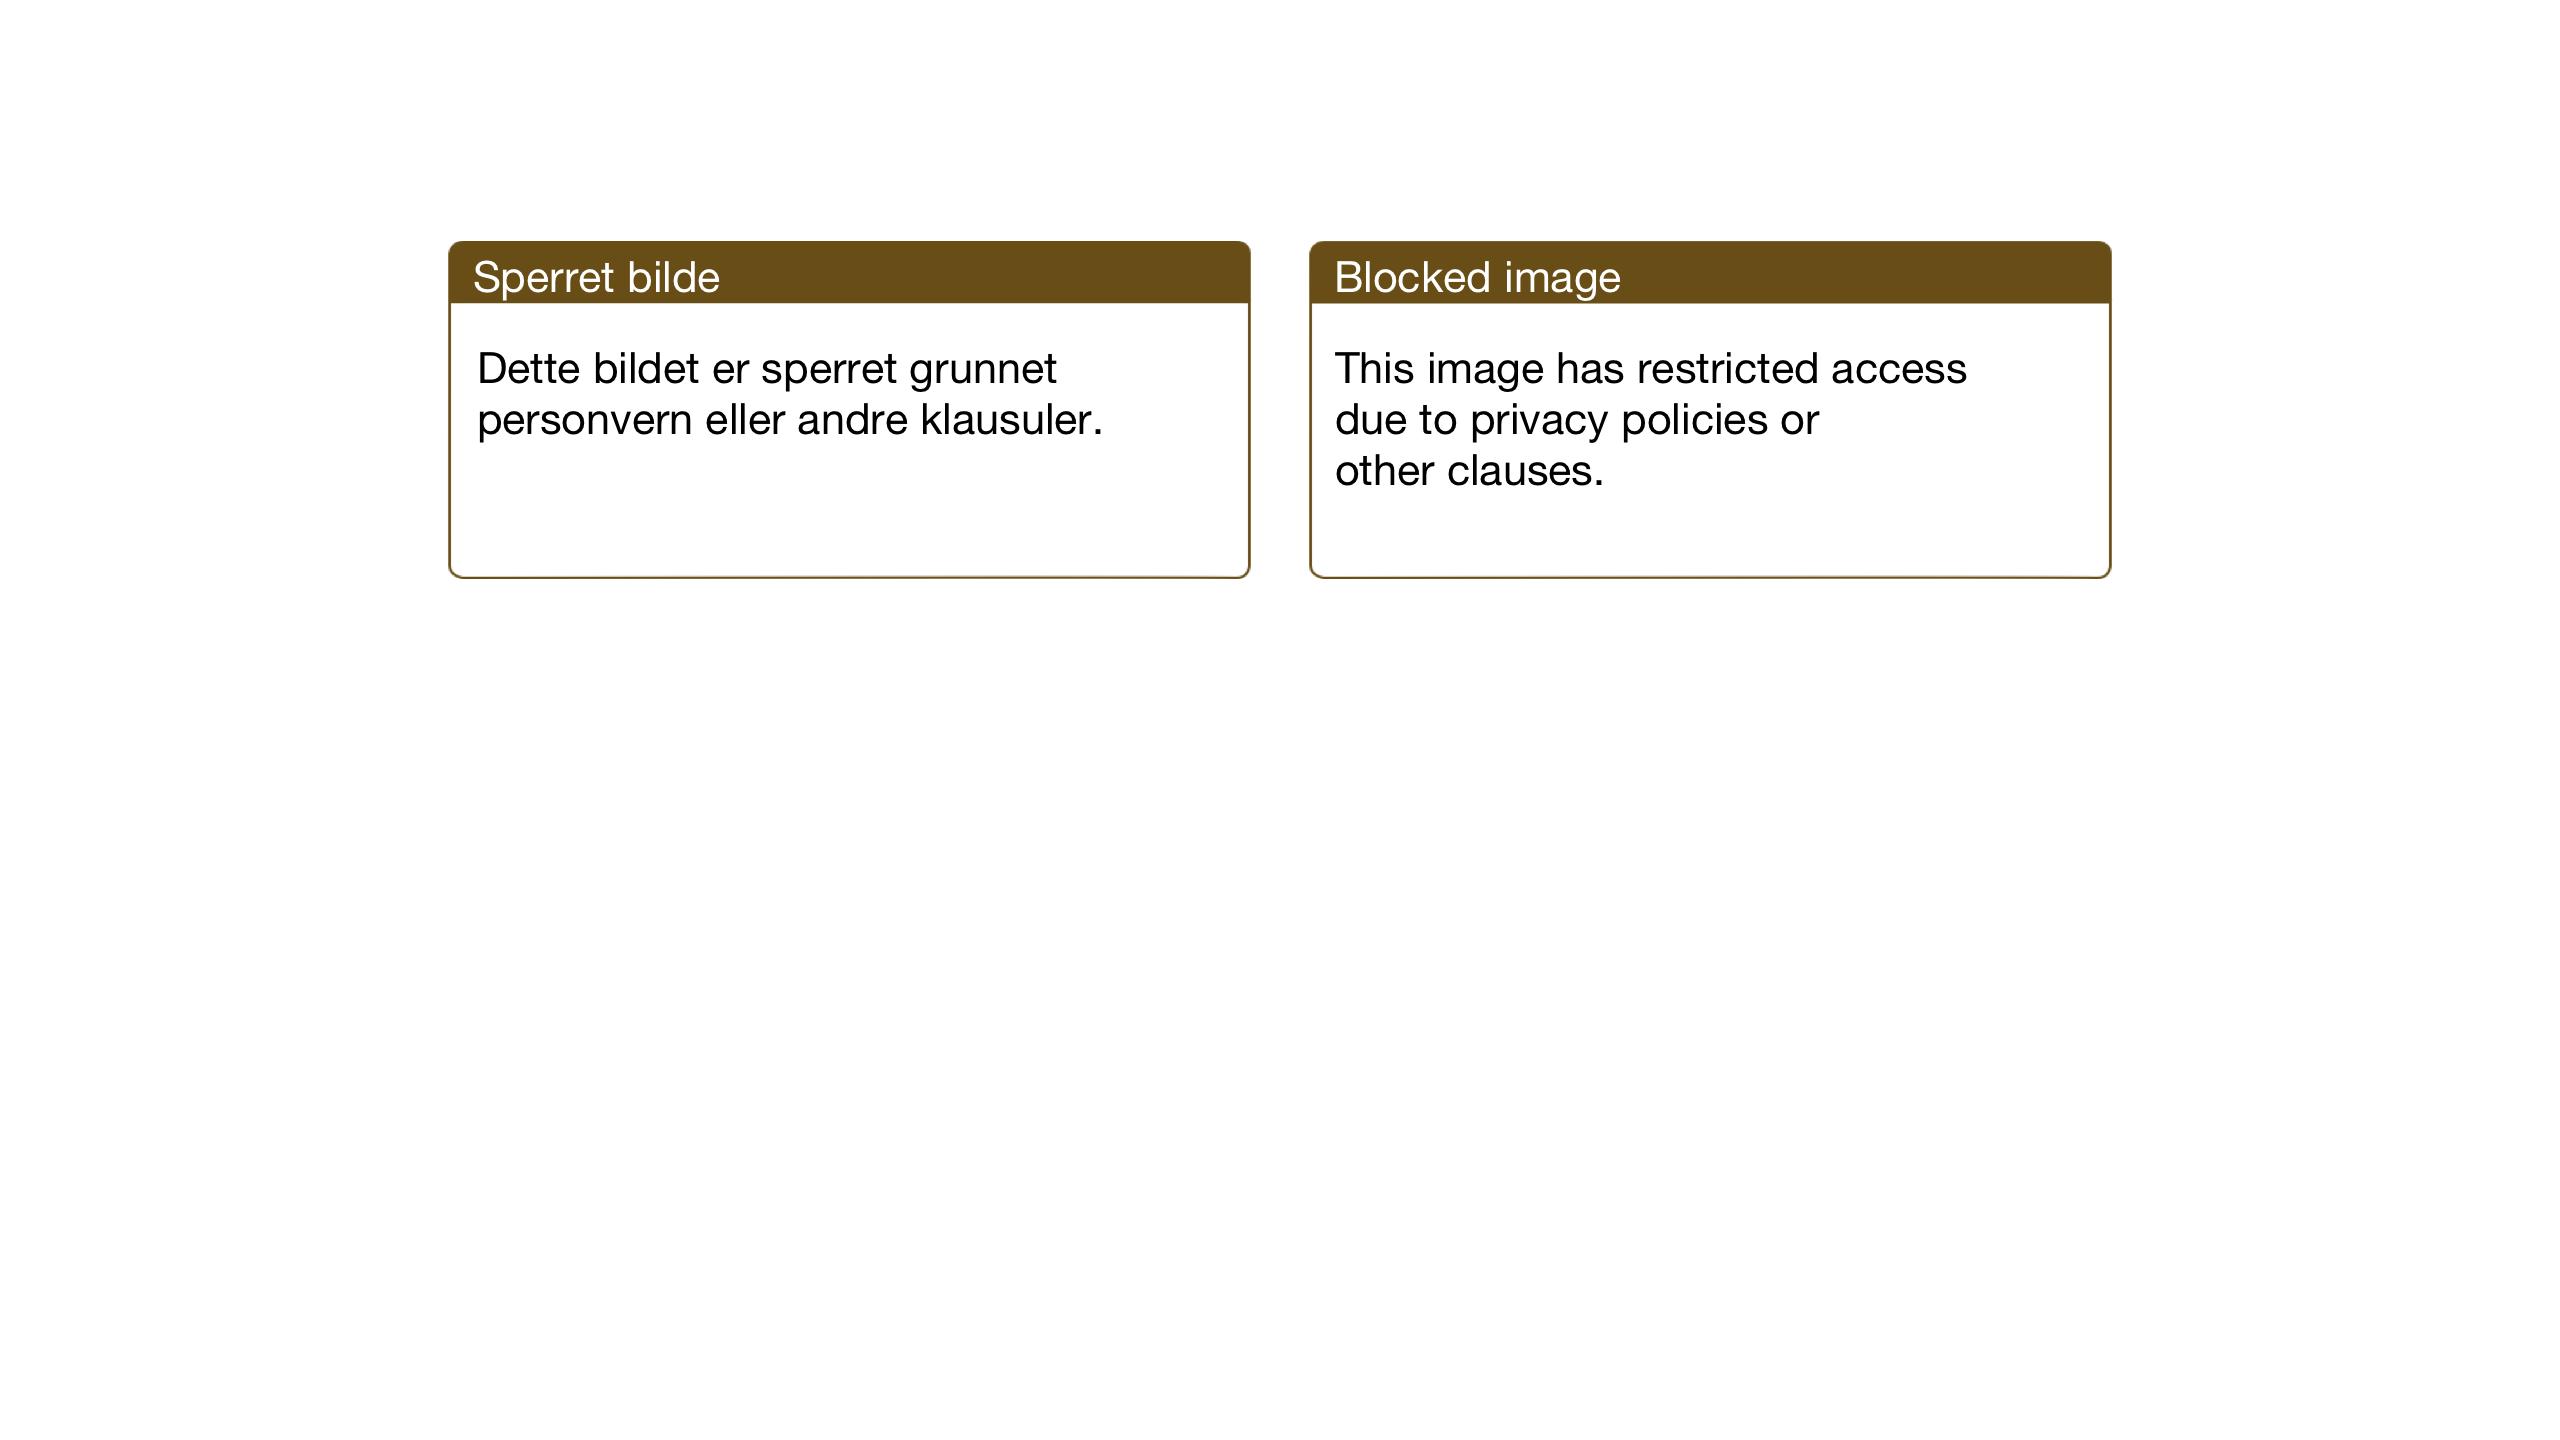 SAT, Ministerialprotokoller, klokkerbøker og fødselsregistre - Sør-Trøndelag, 686/L0986: Klokkerbok nr. 686C02, 1933-1950, s. 67